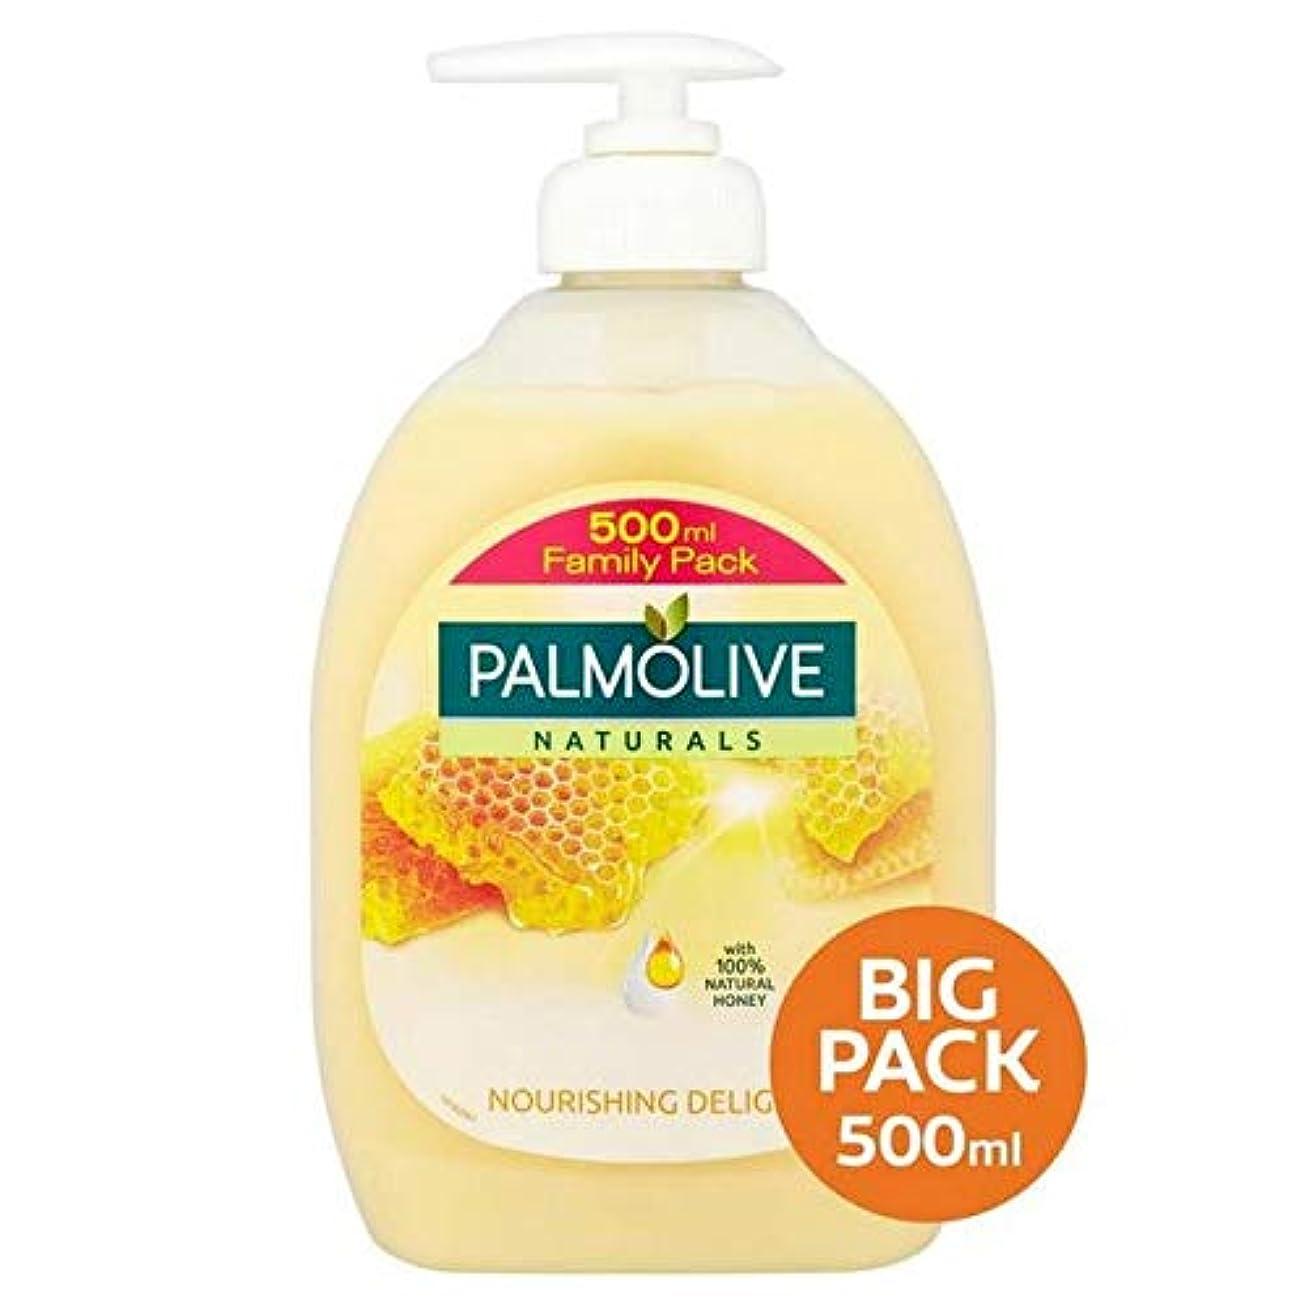 記念碑穴レプリカ[Palmolive ] パルモライブナチュラルミルク&ハニーの手洗いの500ミリリットル - Palmolive Naturals Milk & Honey Handwash 500ml [並行輸入品]